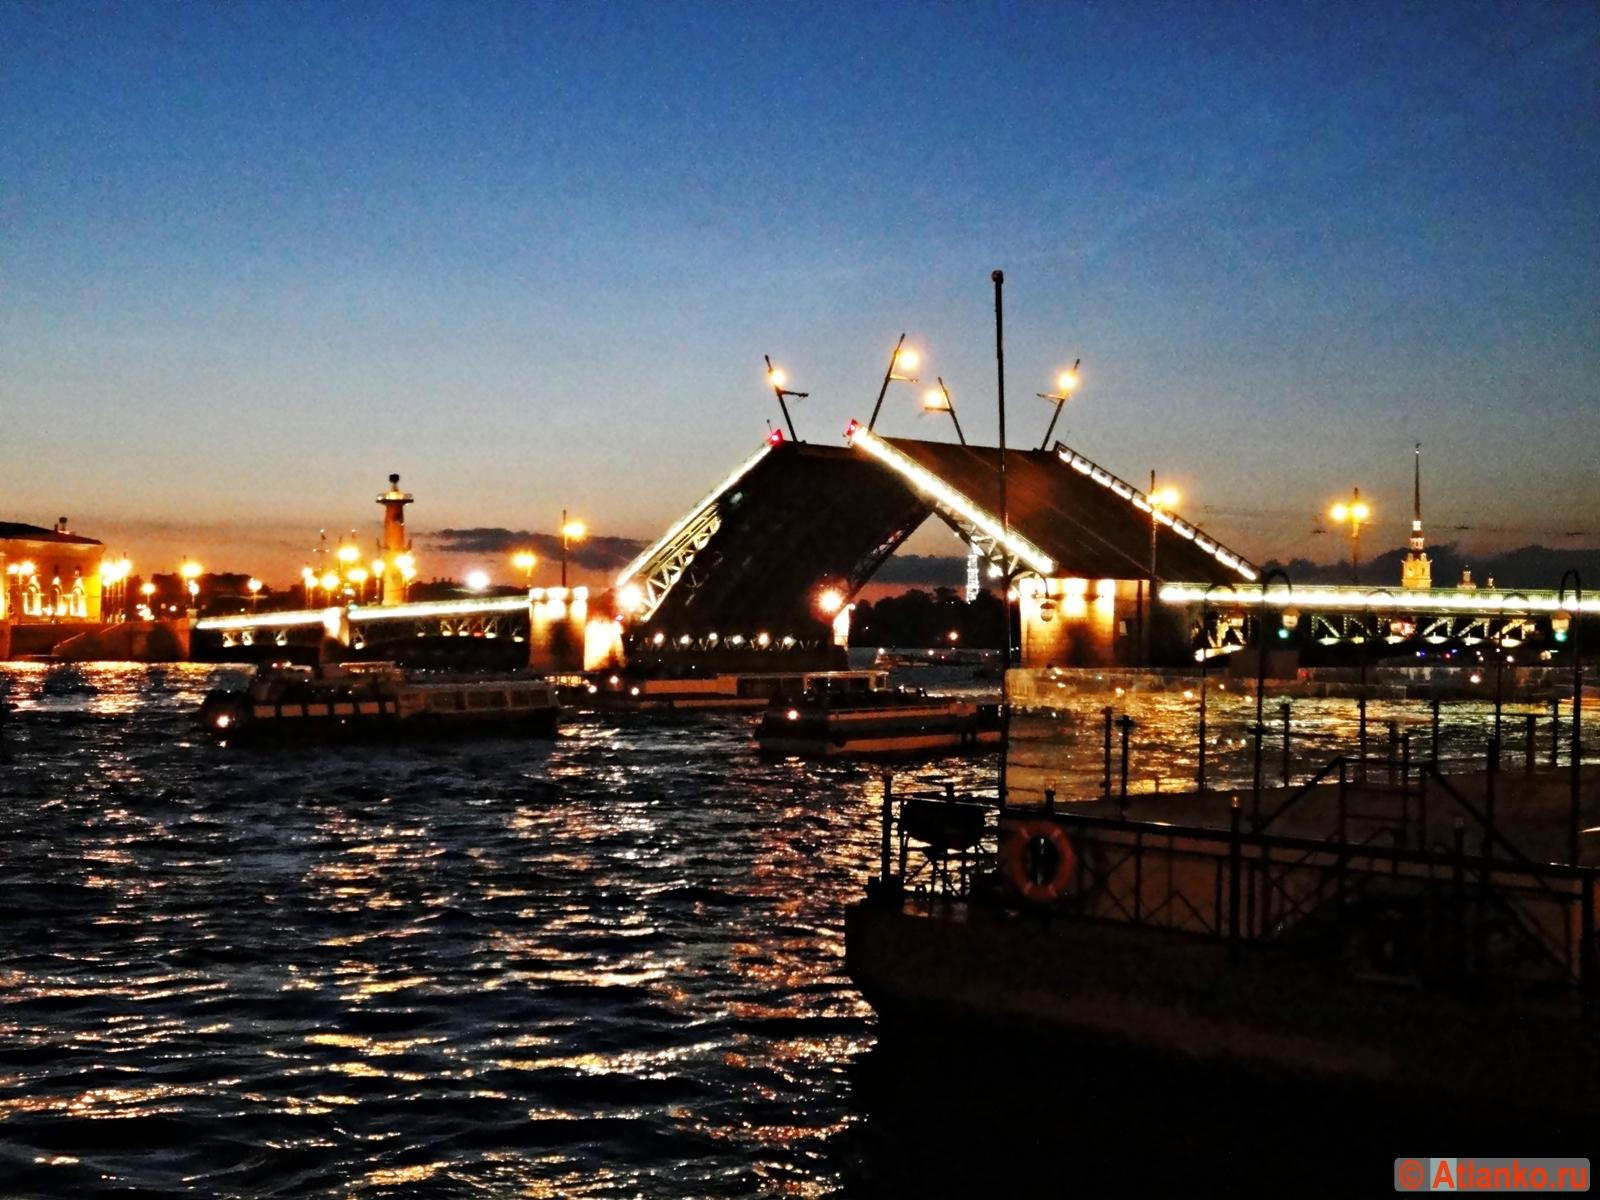 Дворцовый мост - разводной мост через Большую Неву, один из символов Северной столицы России. Развод моста ночью. Санкт-Петербург. Фотография